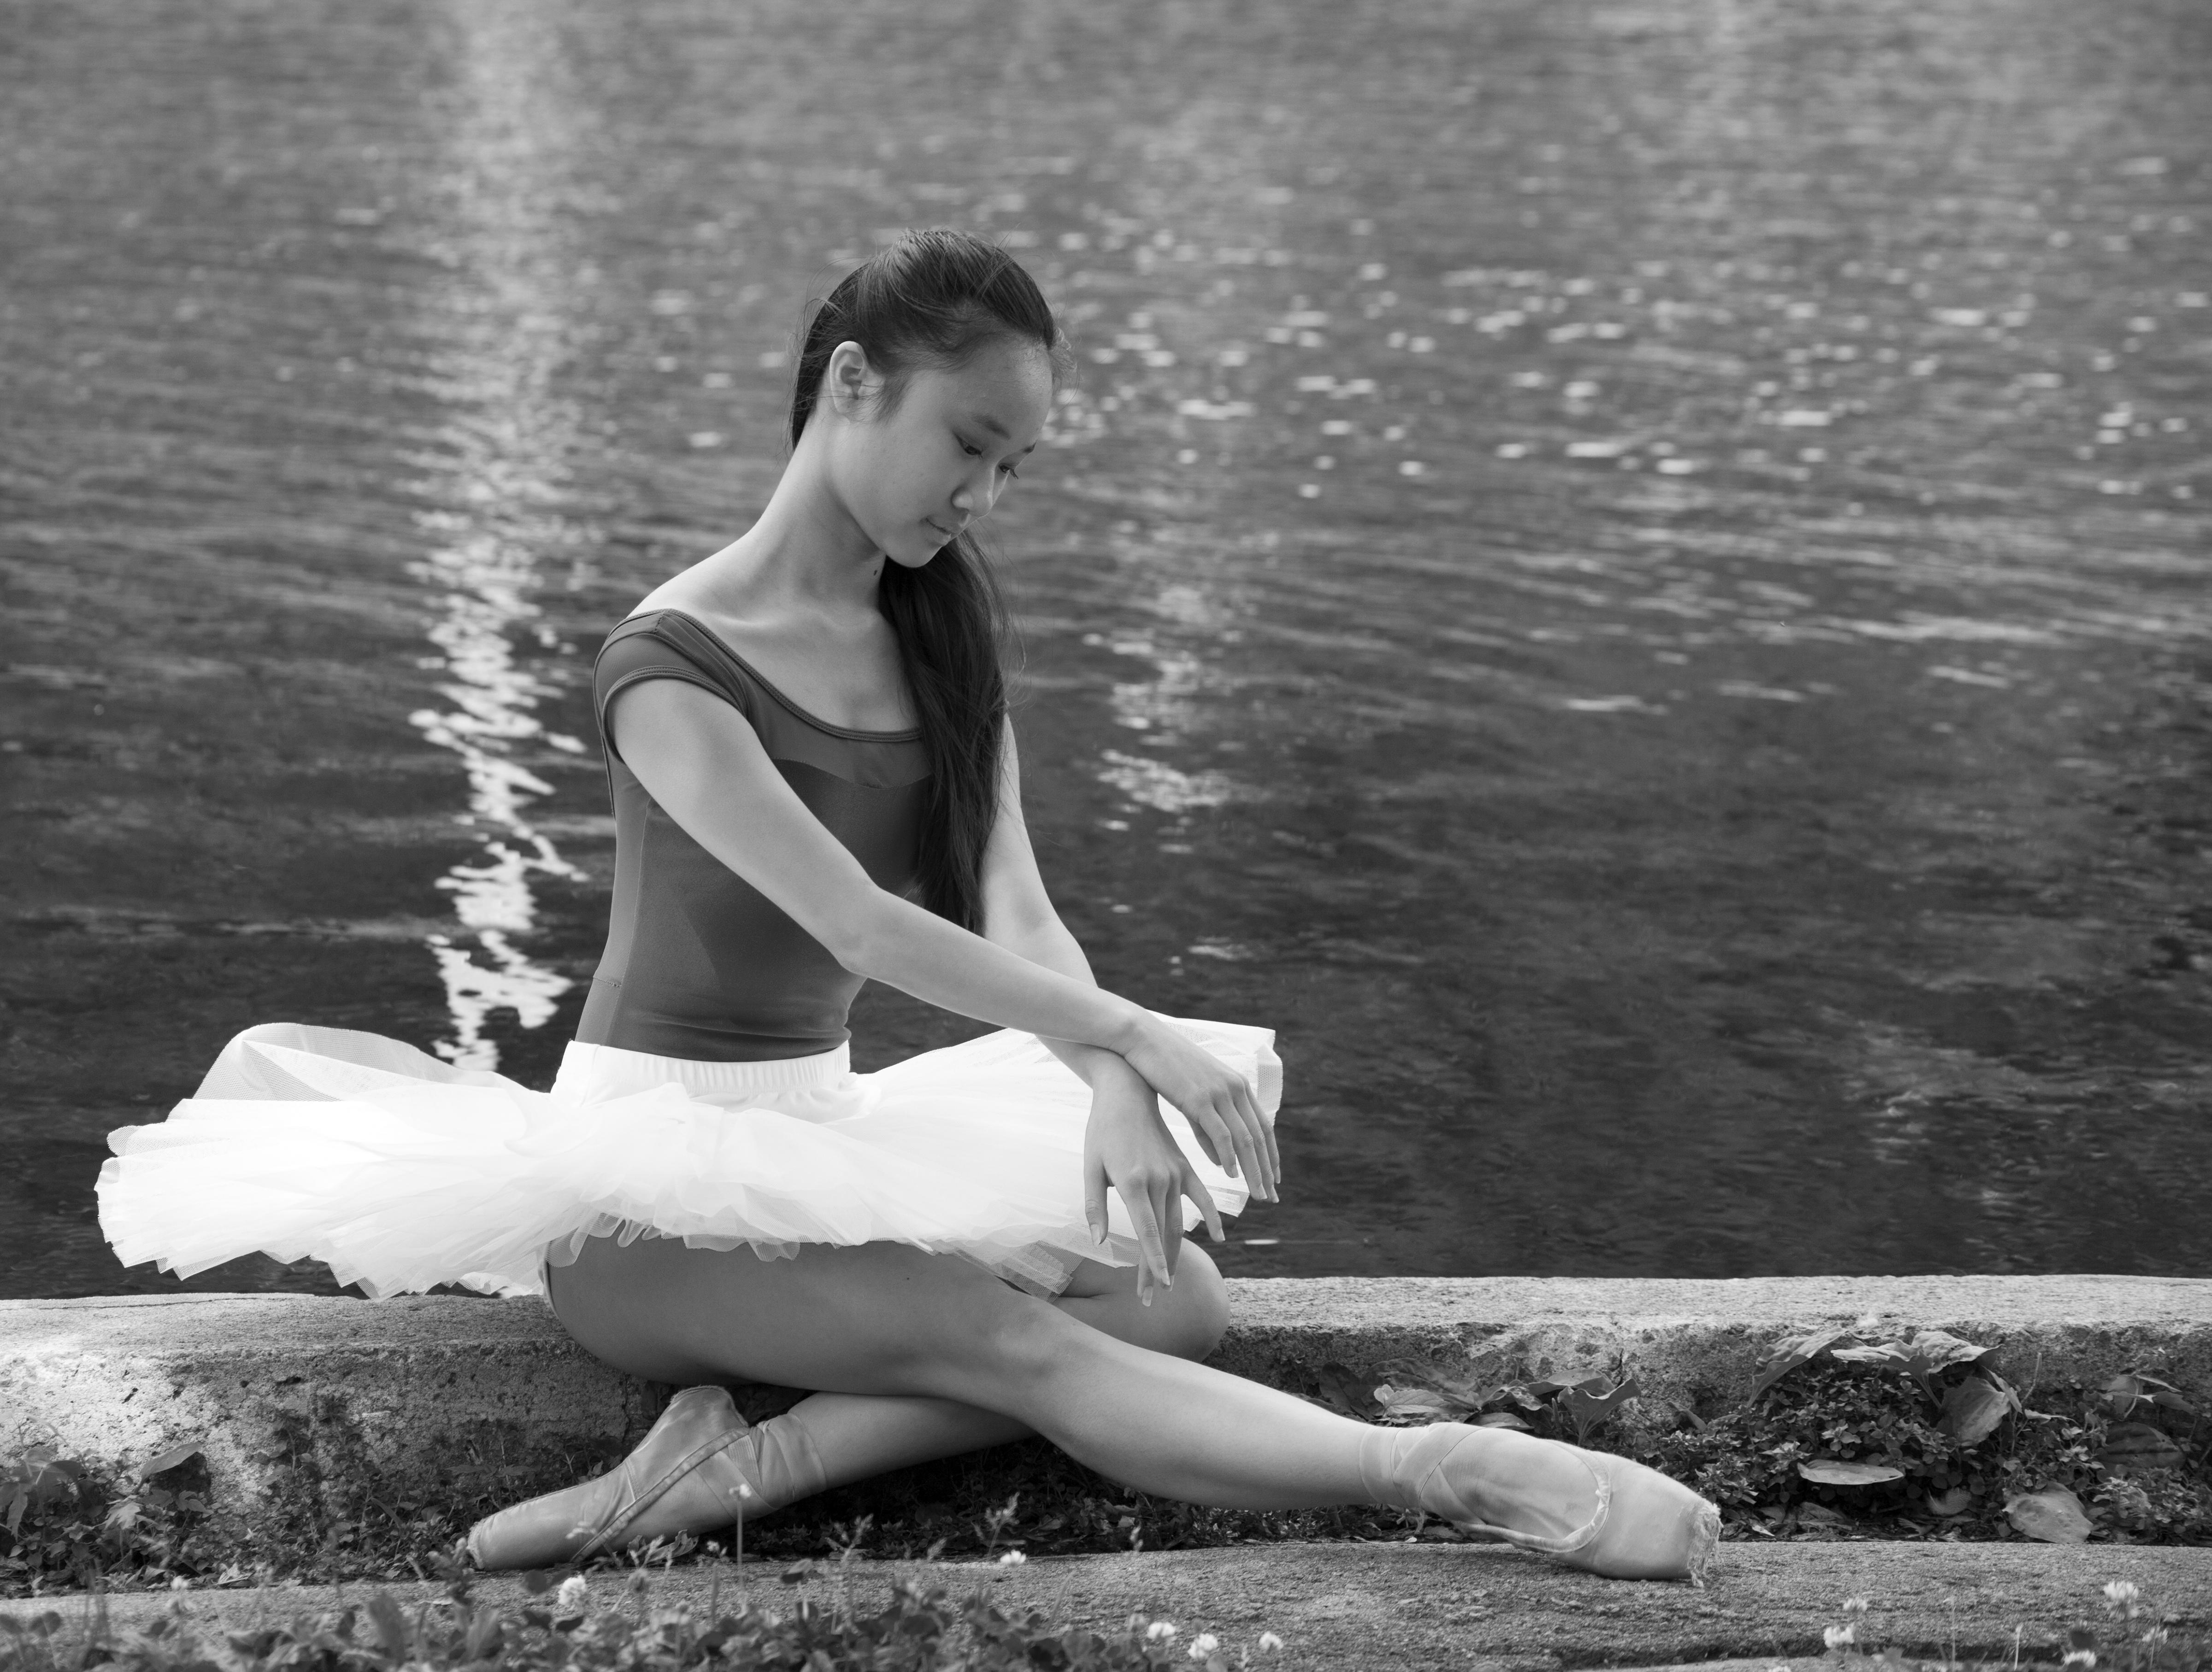 Fay Swan